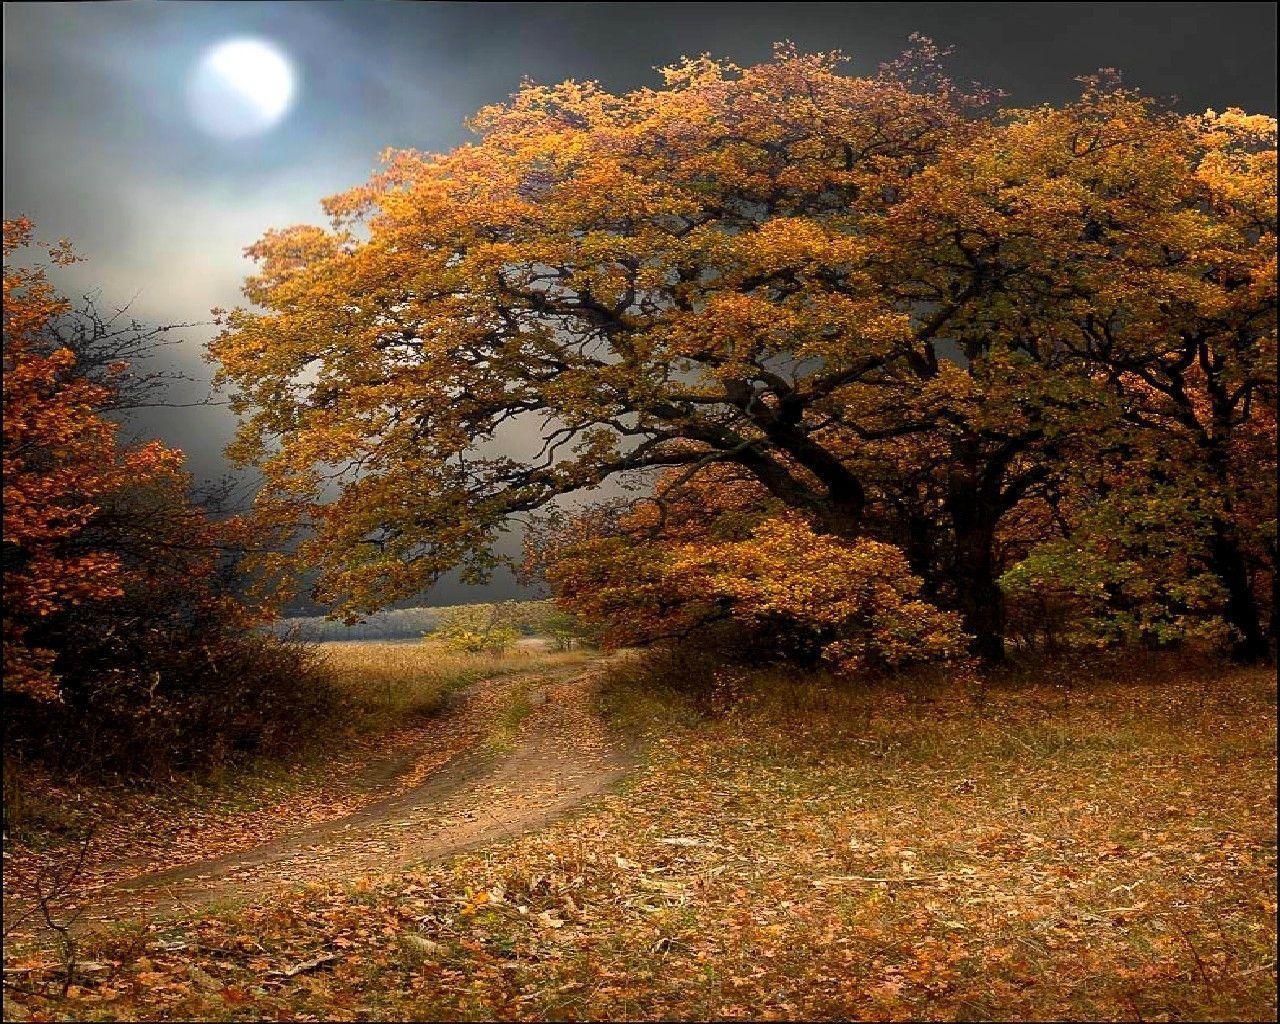 autumn wallpaper 007 free - photo #2